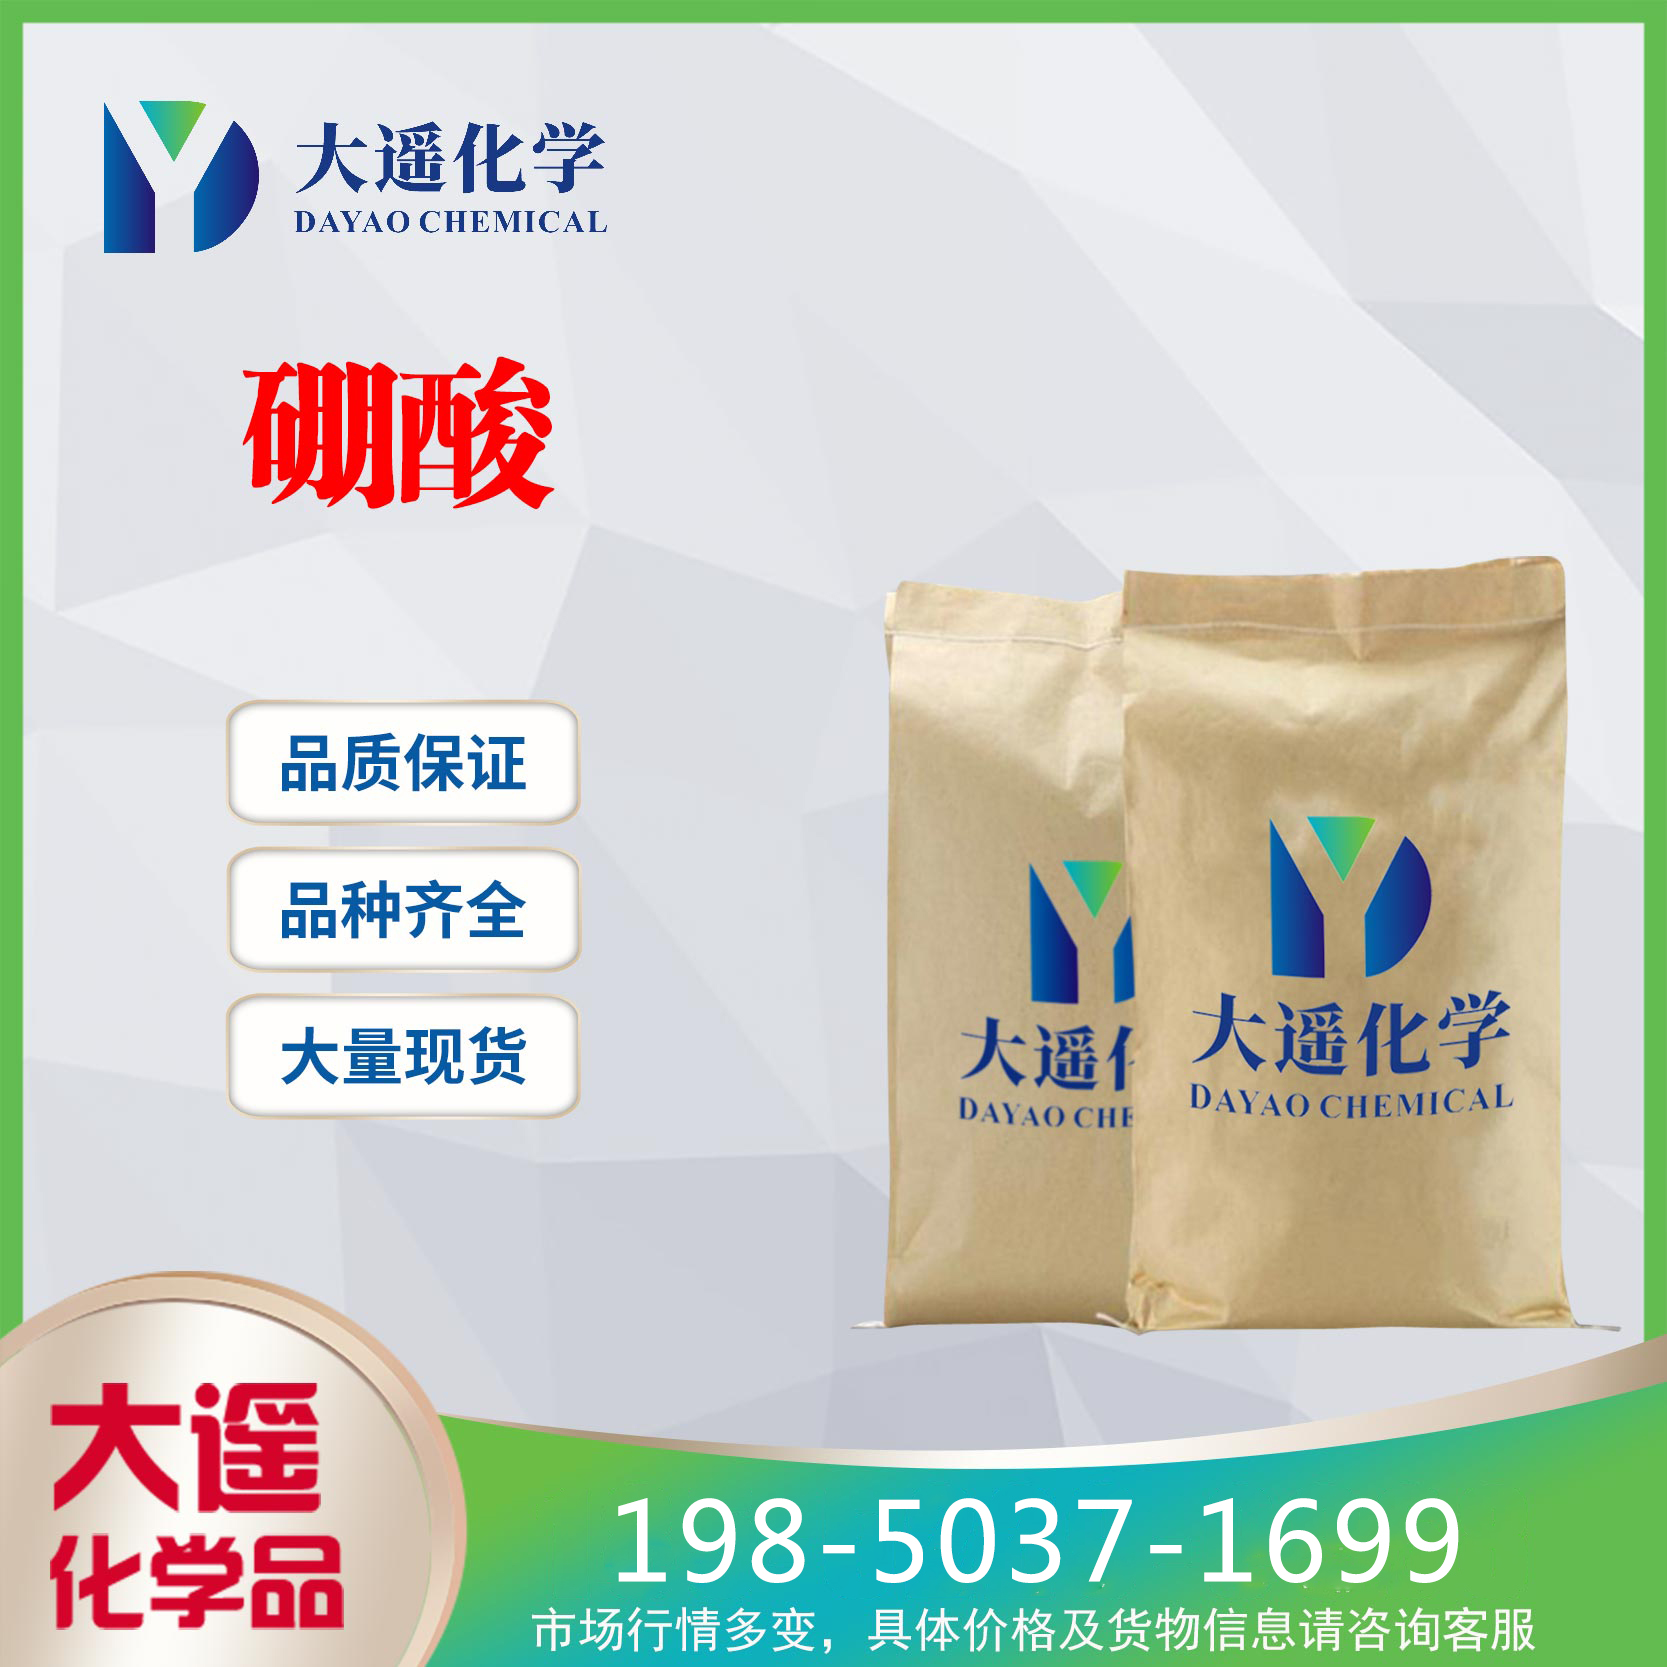 现货供应 智利 俄罗斯 硼酸 99.9%含量 10043-35-3